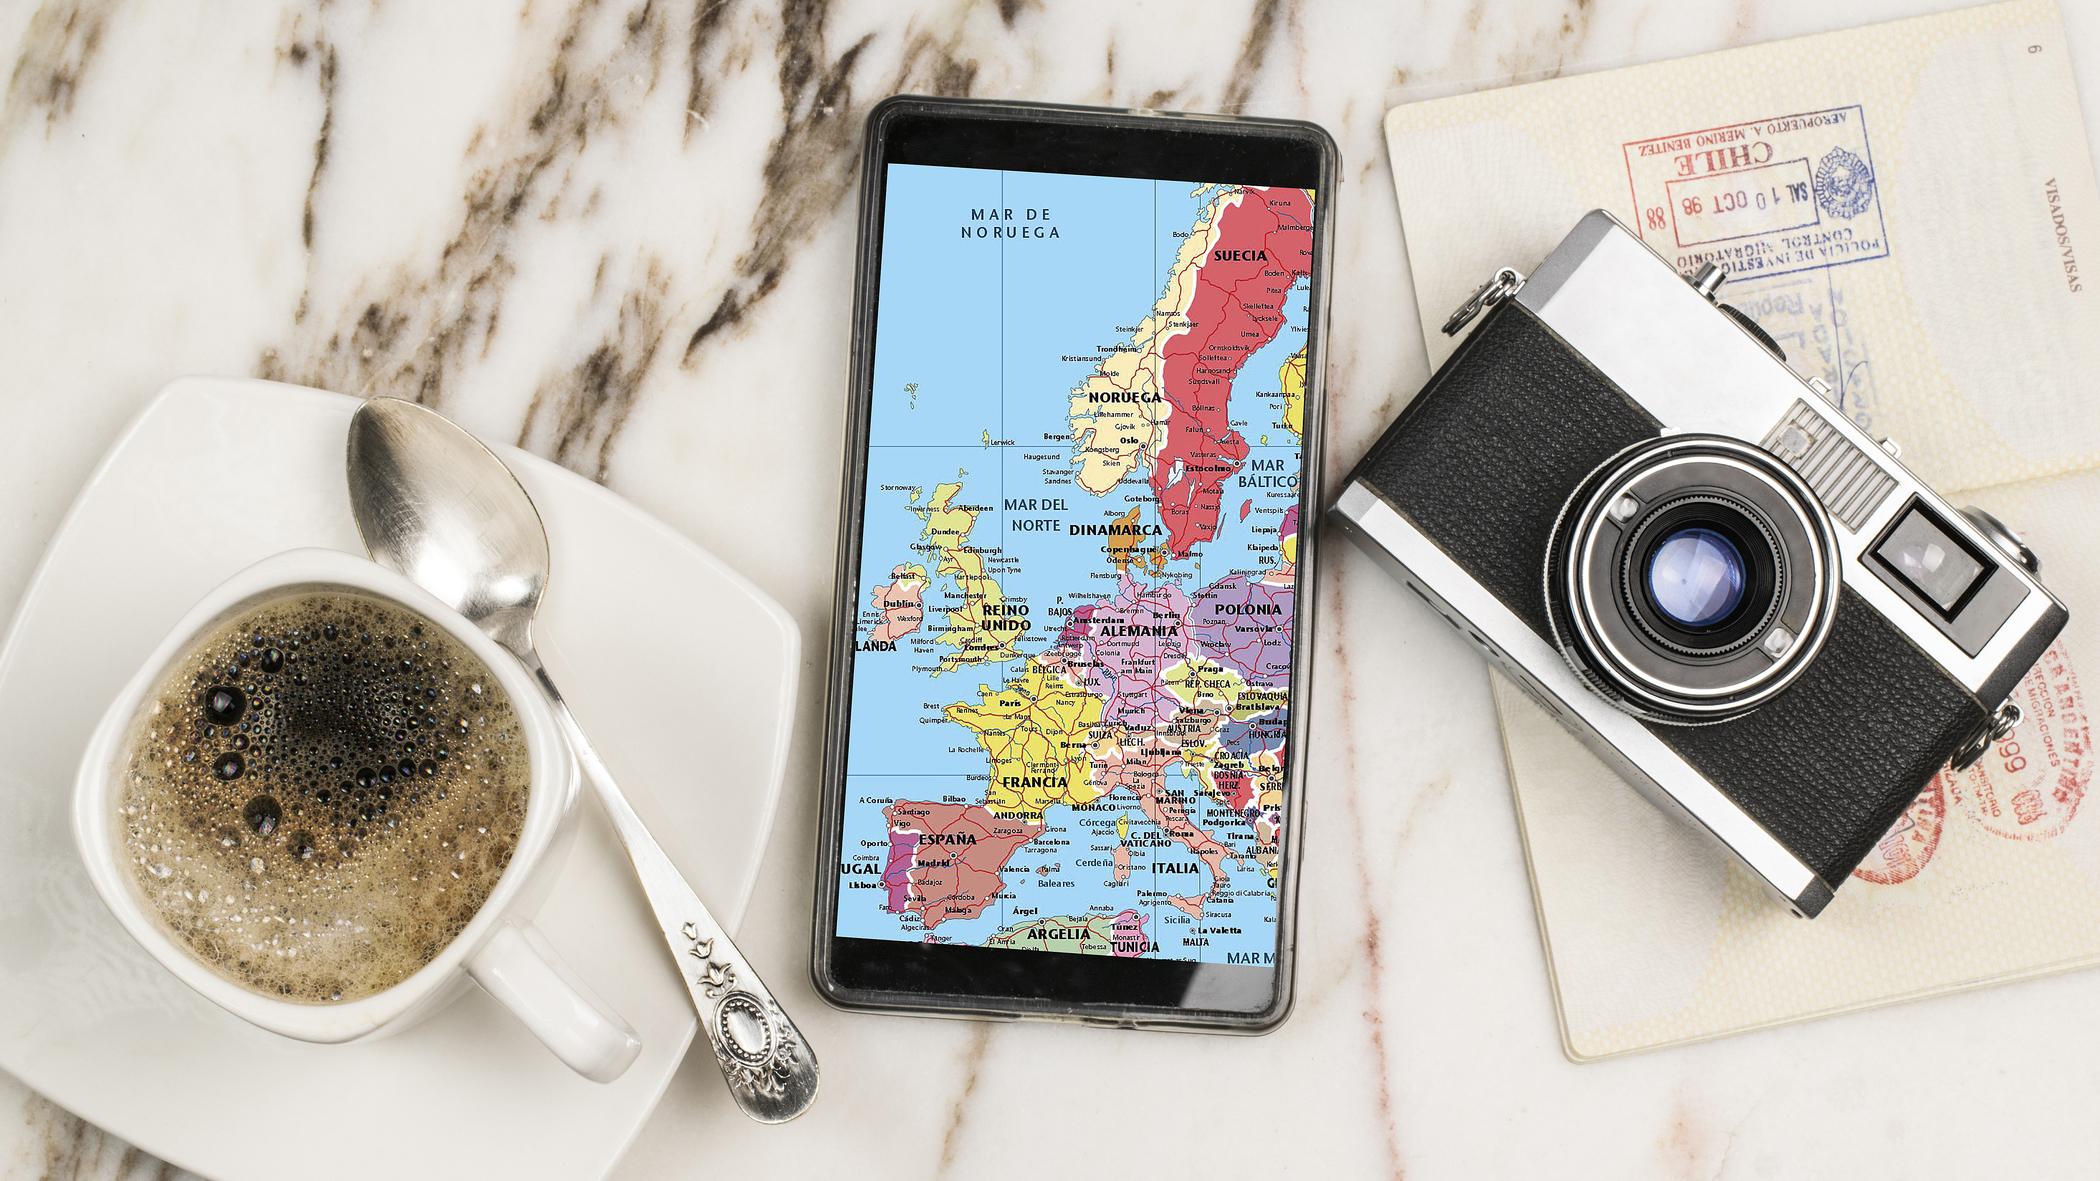 Wollen Sie im Urlaub mit Ihrem Android-Smartphone navigieren, sind Offline-Navi-Apps eine große Hilfe.